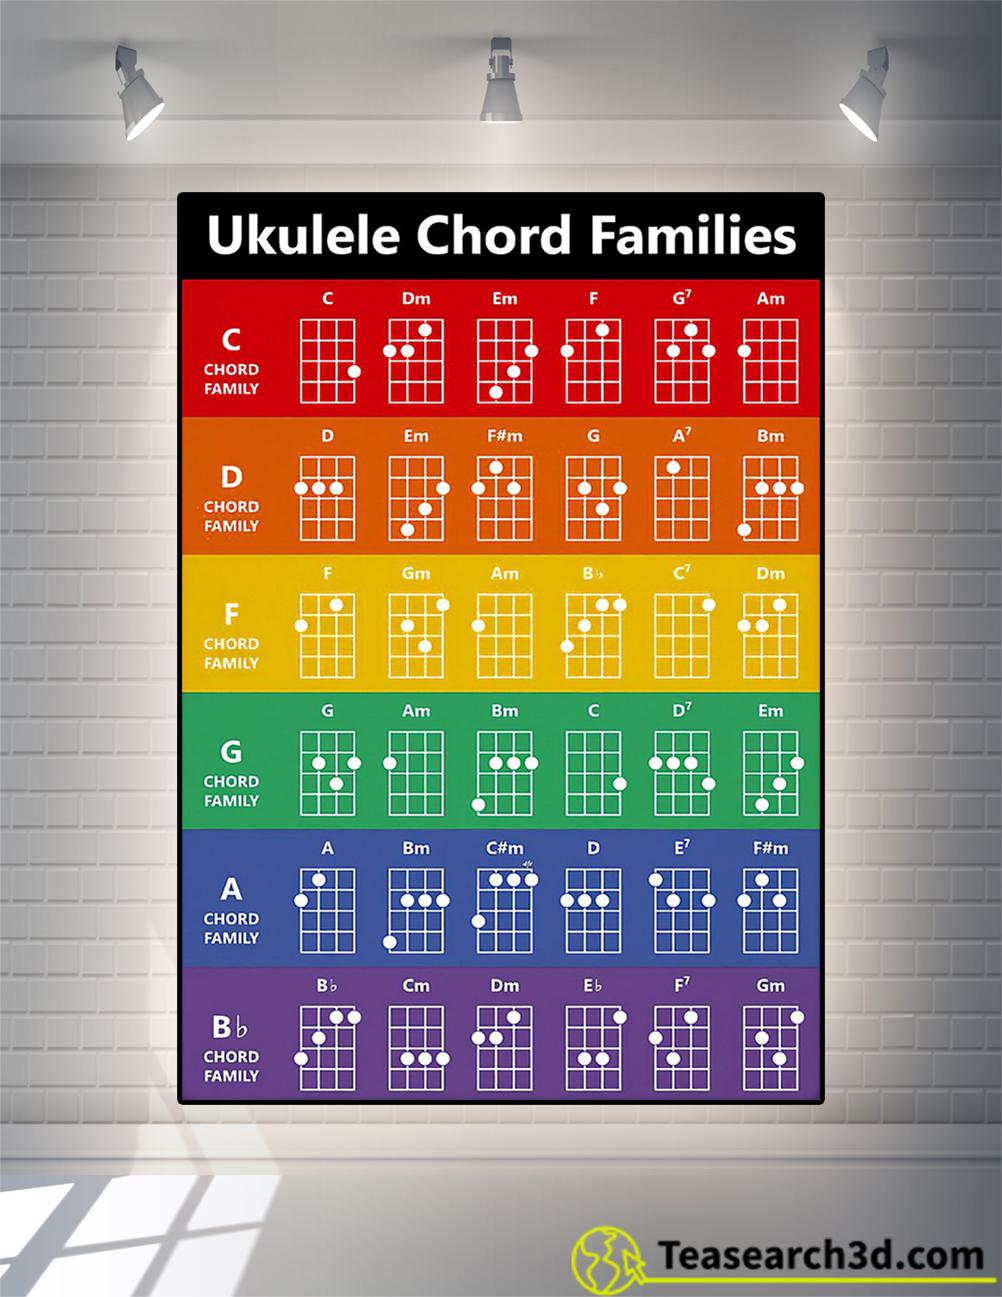 Ukulele chord families poster